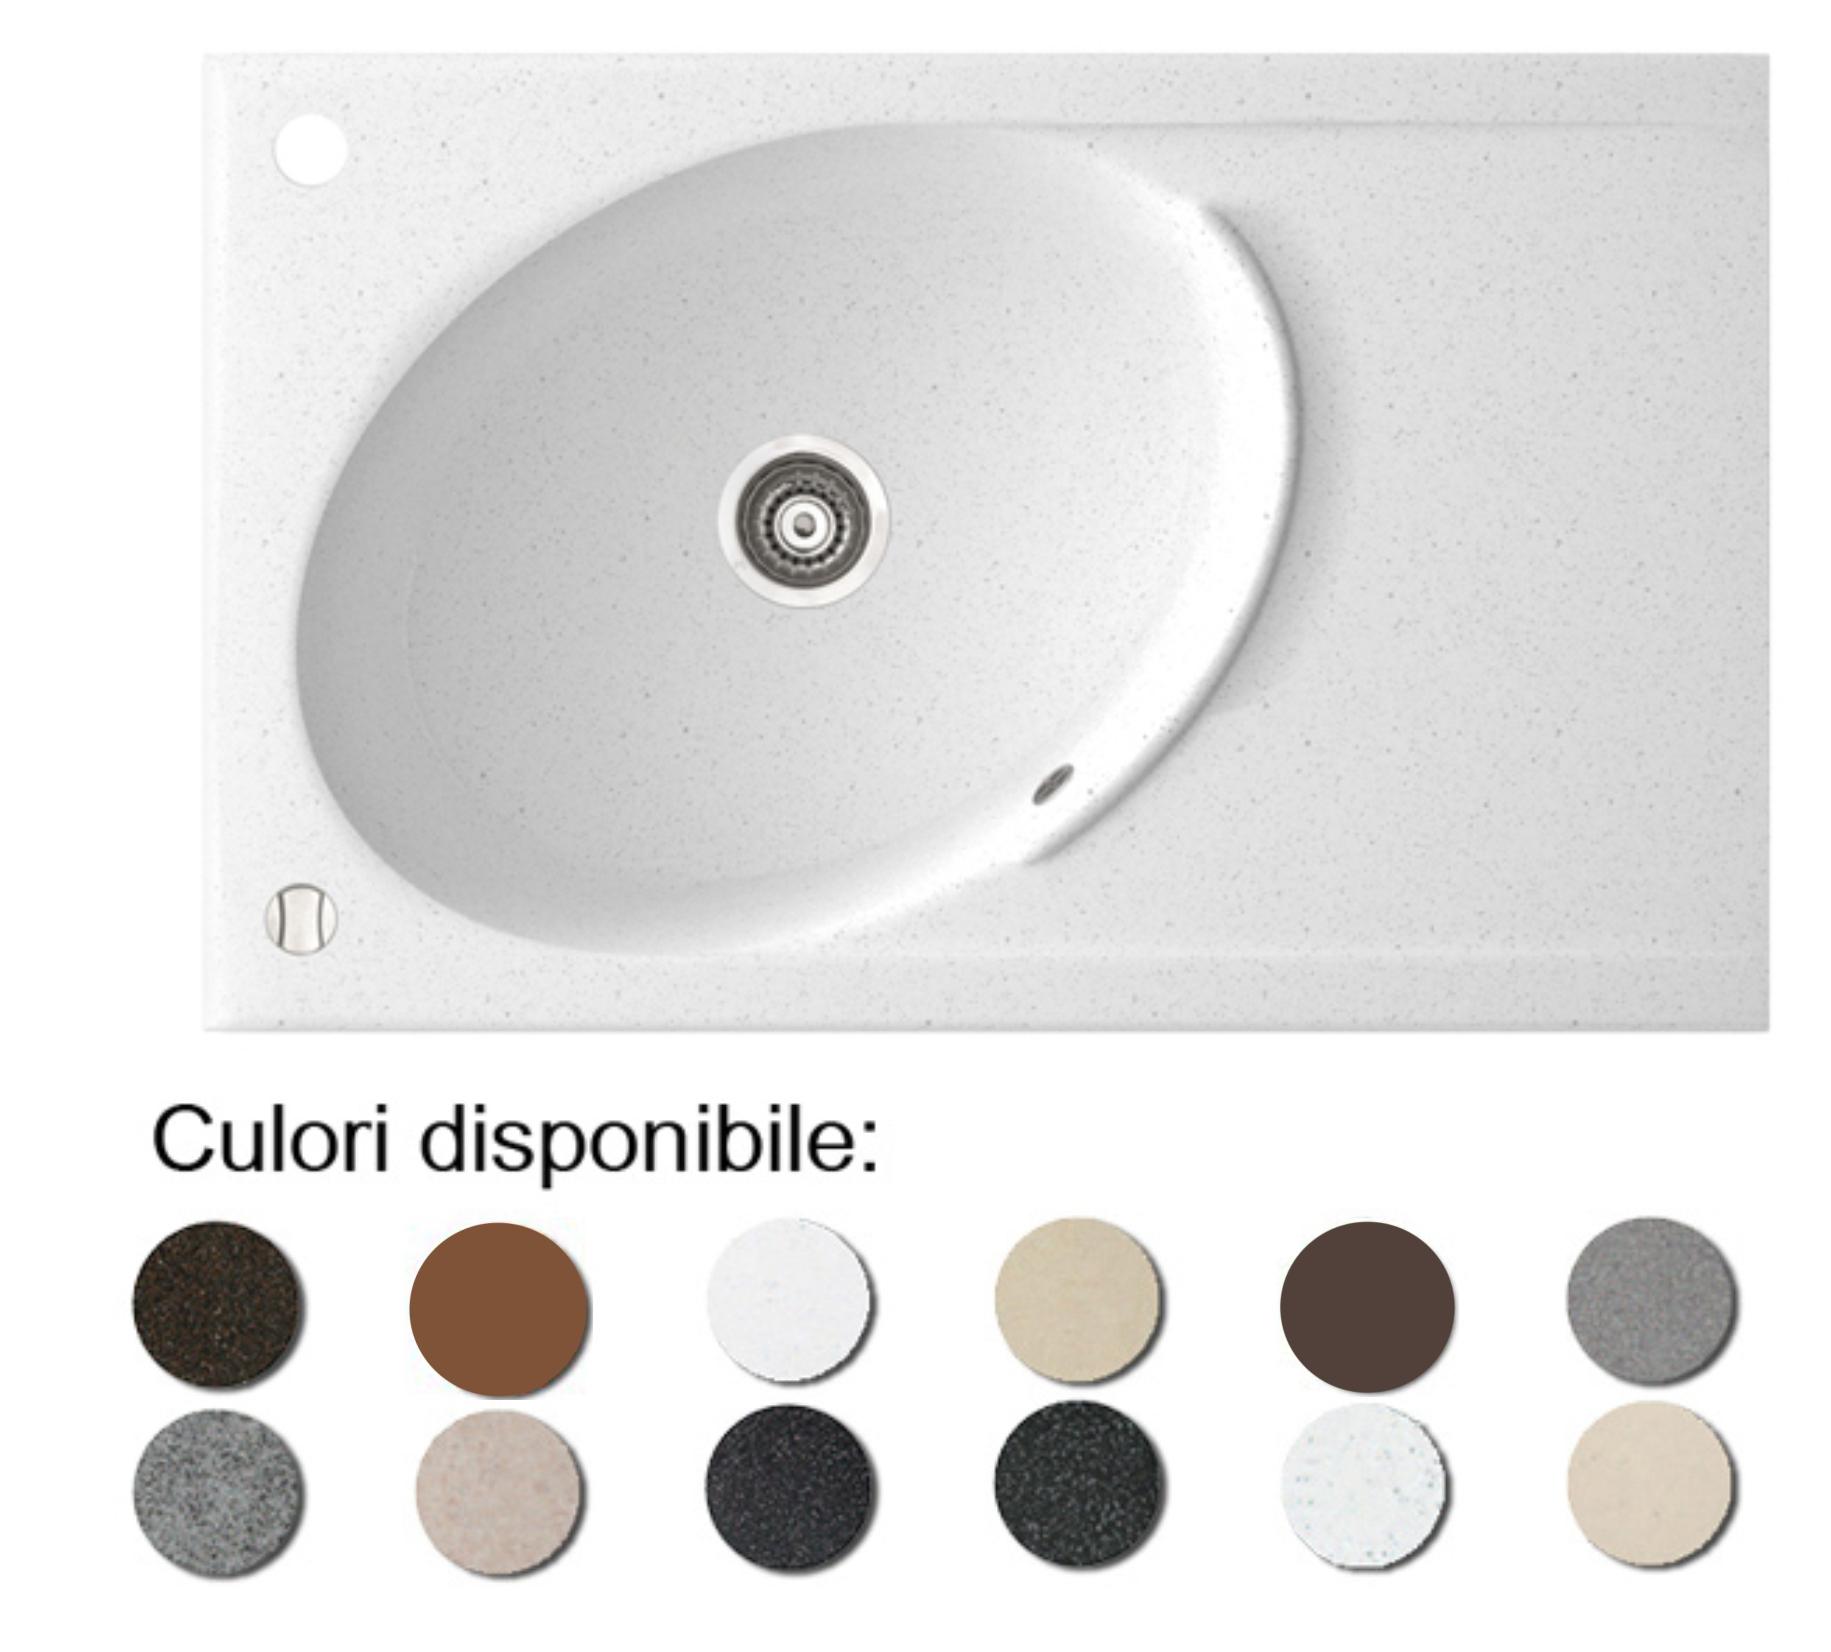 Foto Chiuveta Bucatarie Granit Compozit Anticalcar Cuva Ovala Picurator Spatio